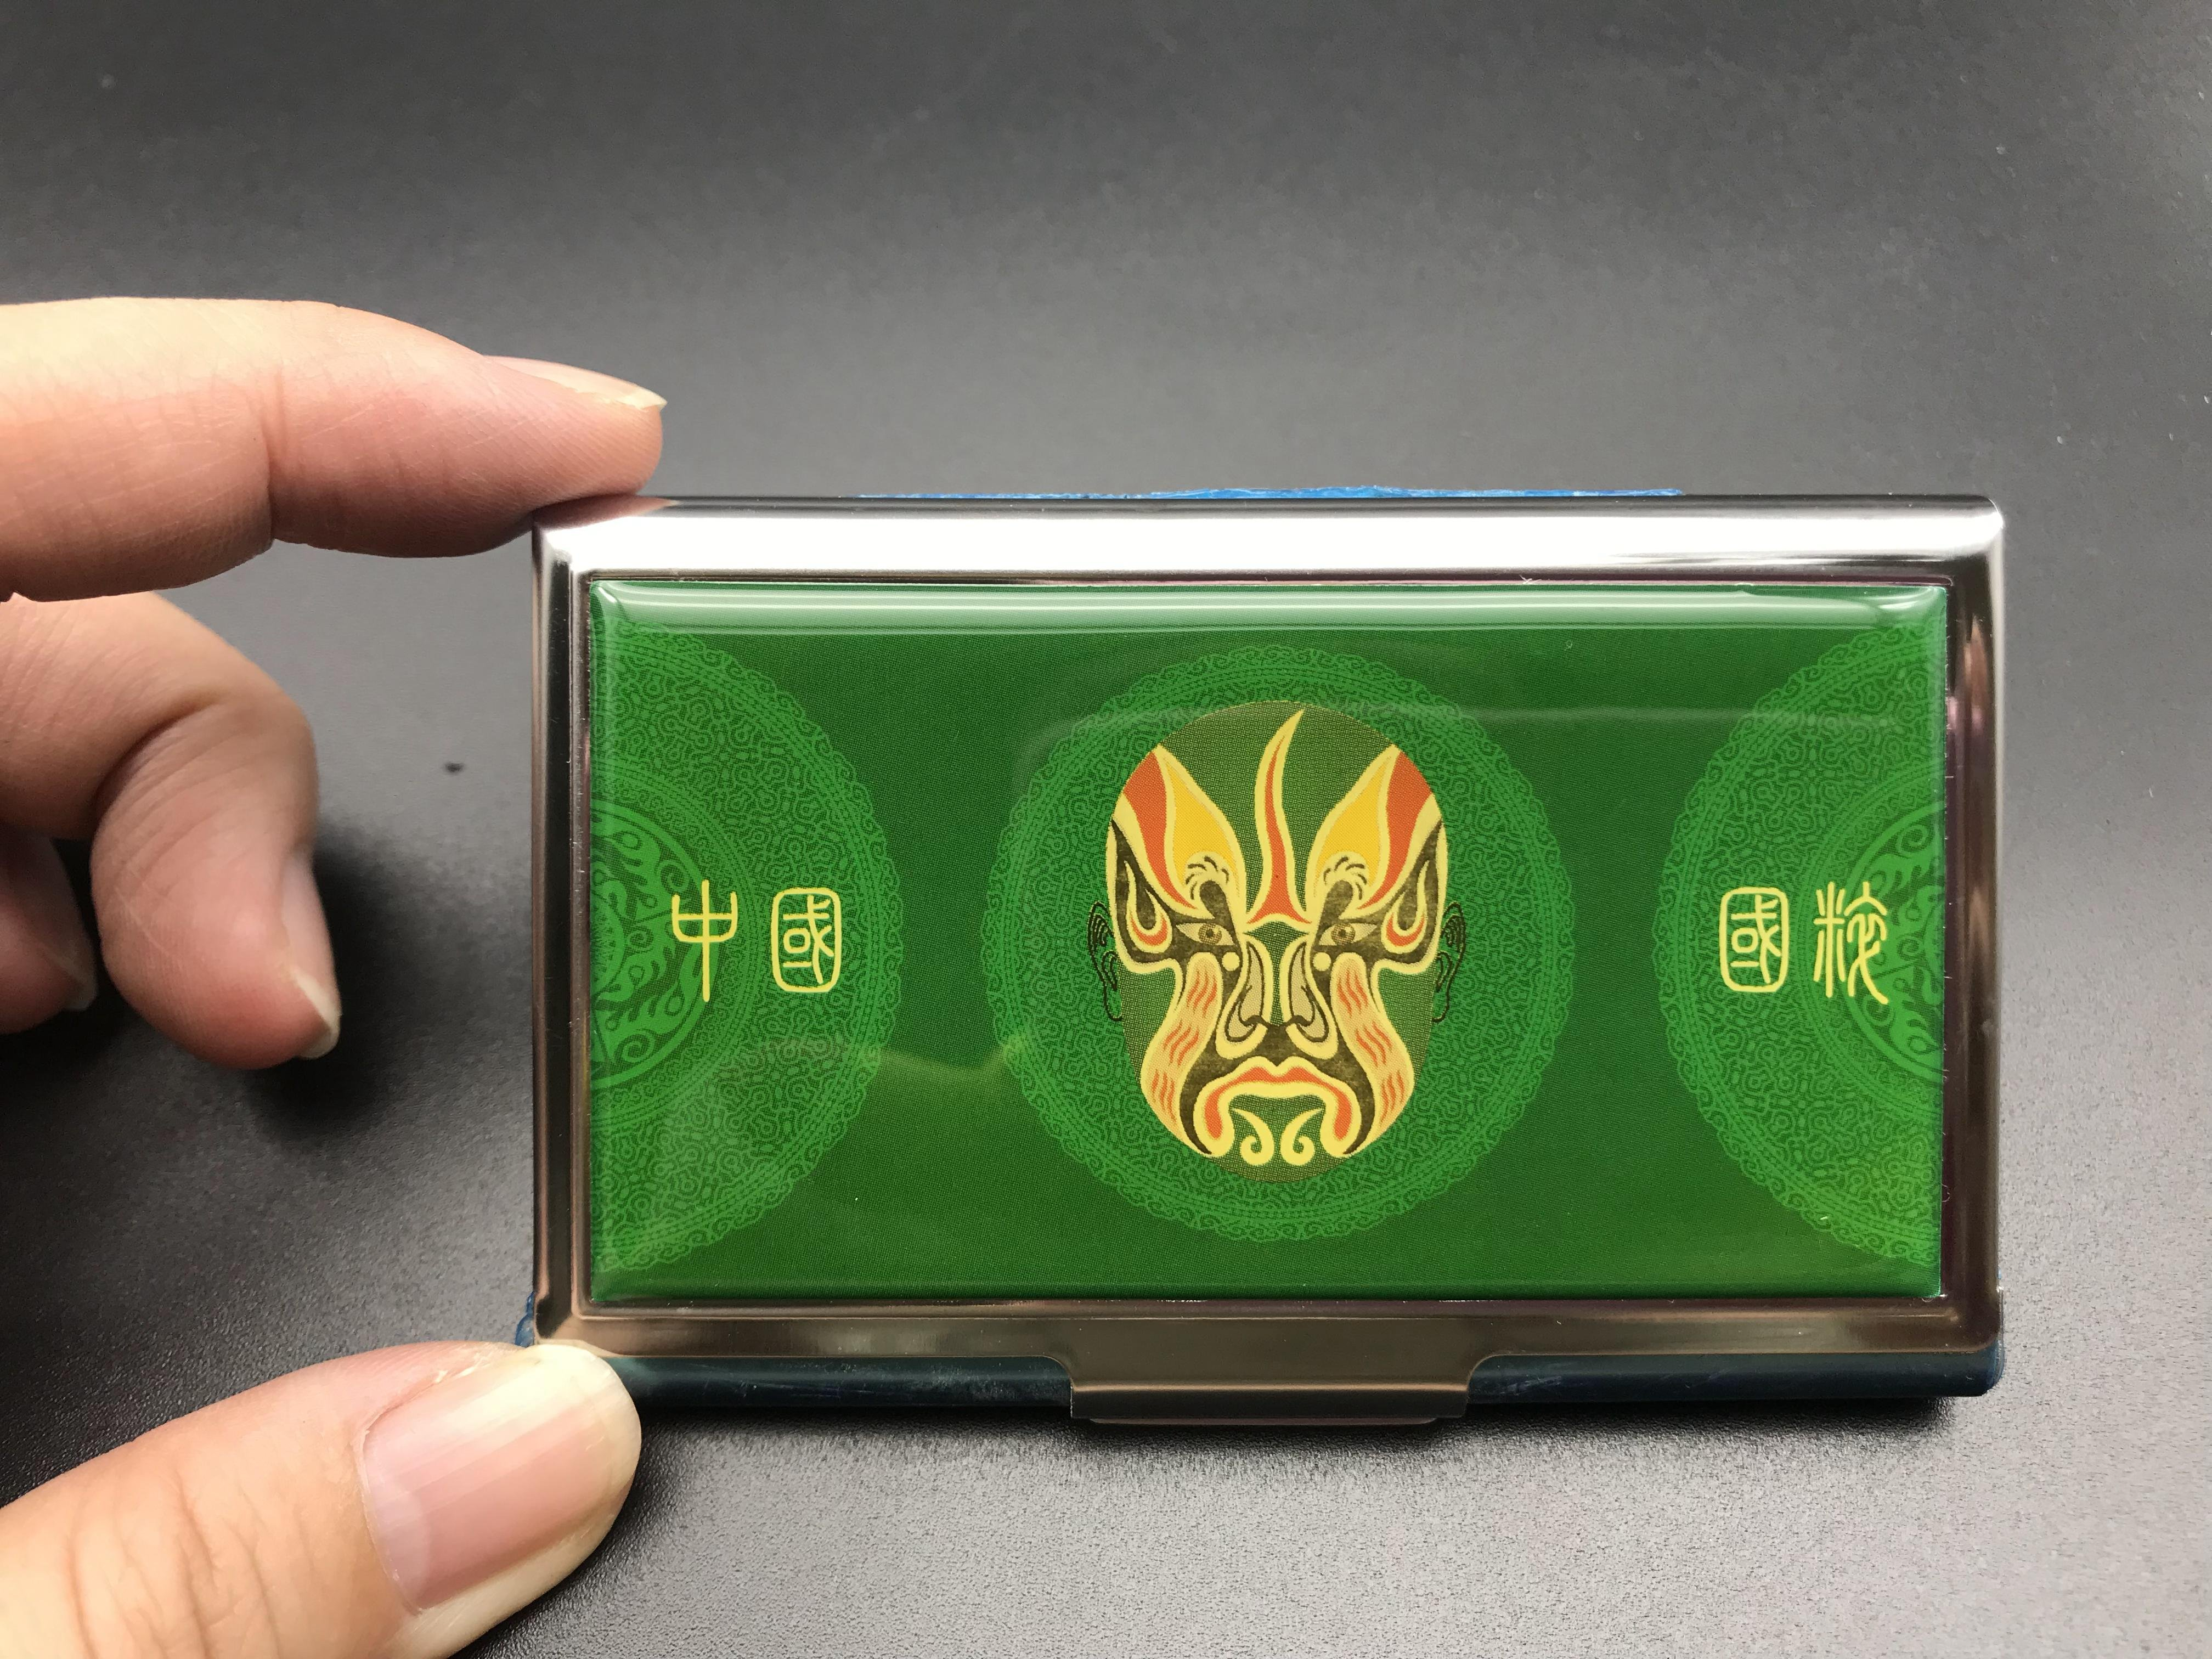 K-017 綠色臉譜 拉絲名片盒 收納盒 銀行卡盒 卡包展會 男女 商務不鏽鋼名片盒名片夾 高檔金屬薄款